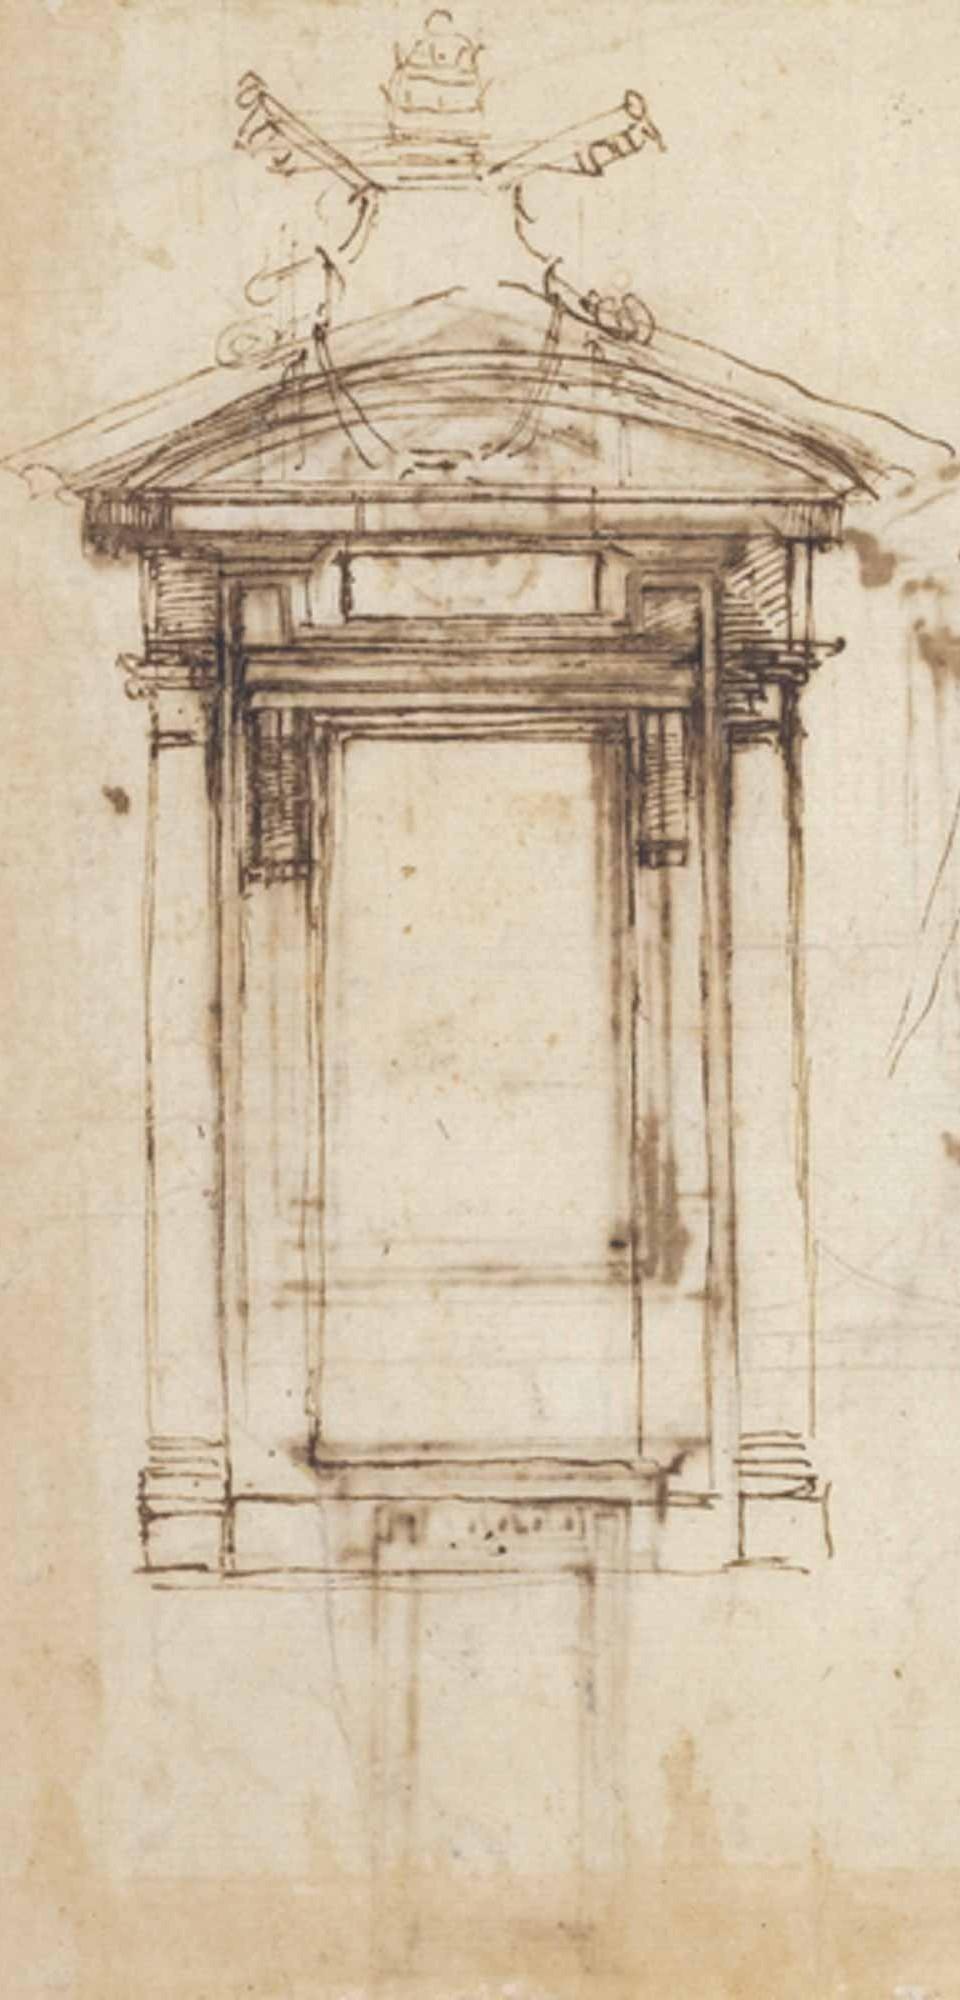 Estudio de ventana biblioteca Laurentiana - Miguel Ángel